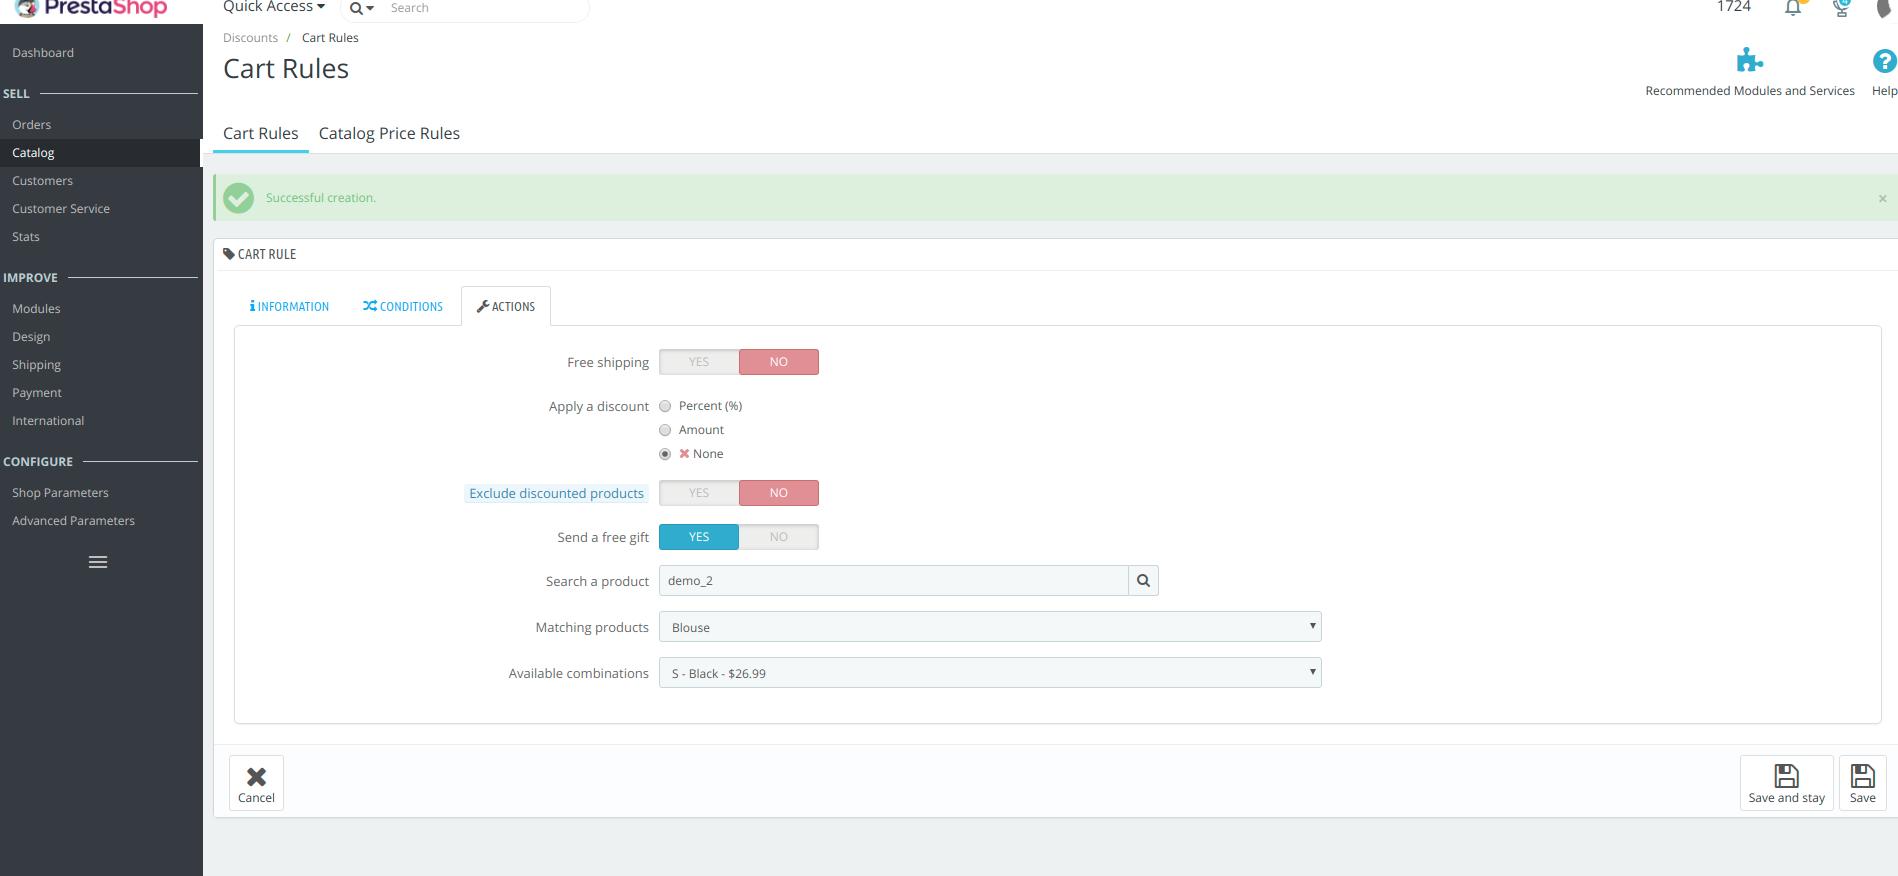 Cómo agregar cupones y códigos de descuento a Prestashop 1.7